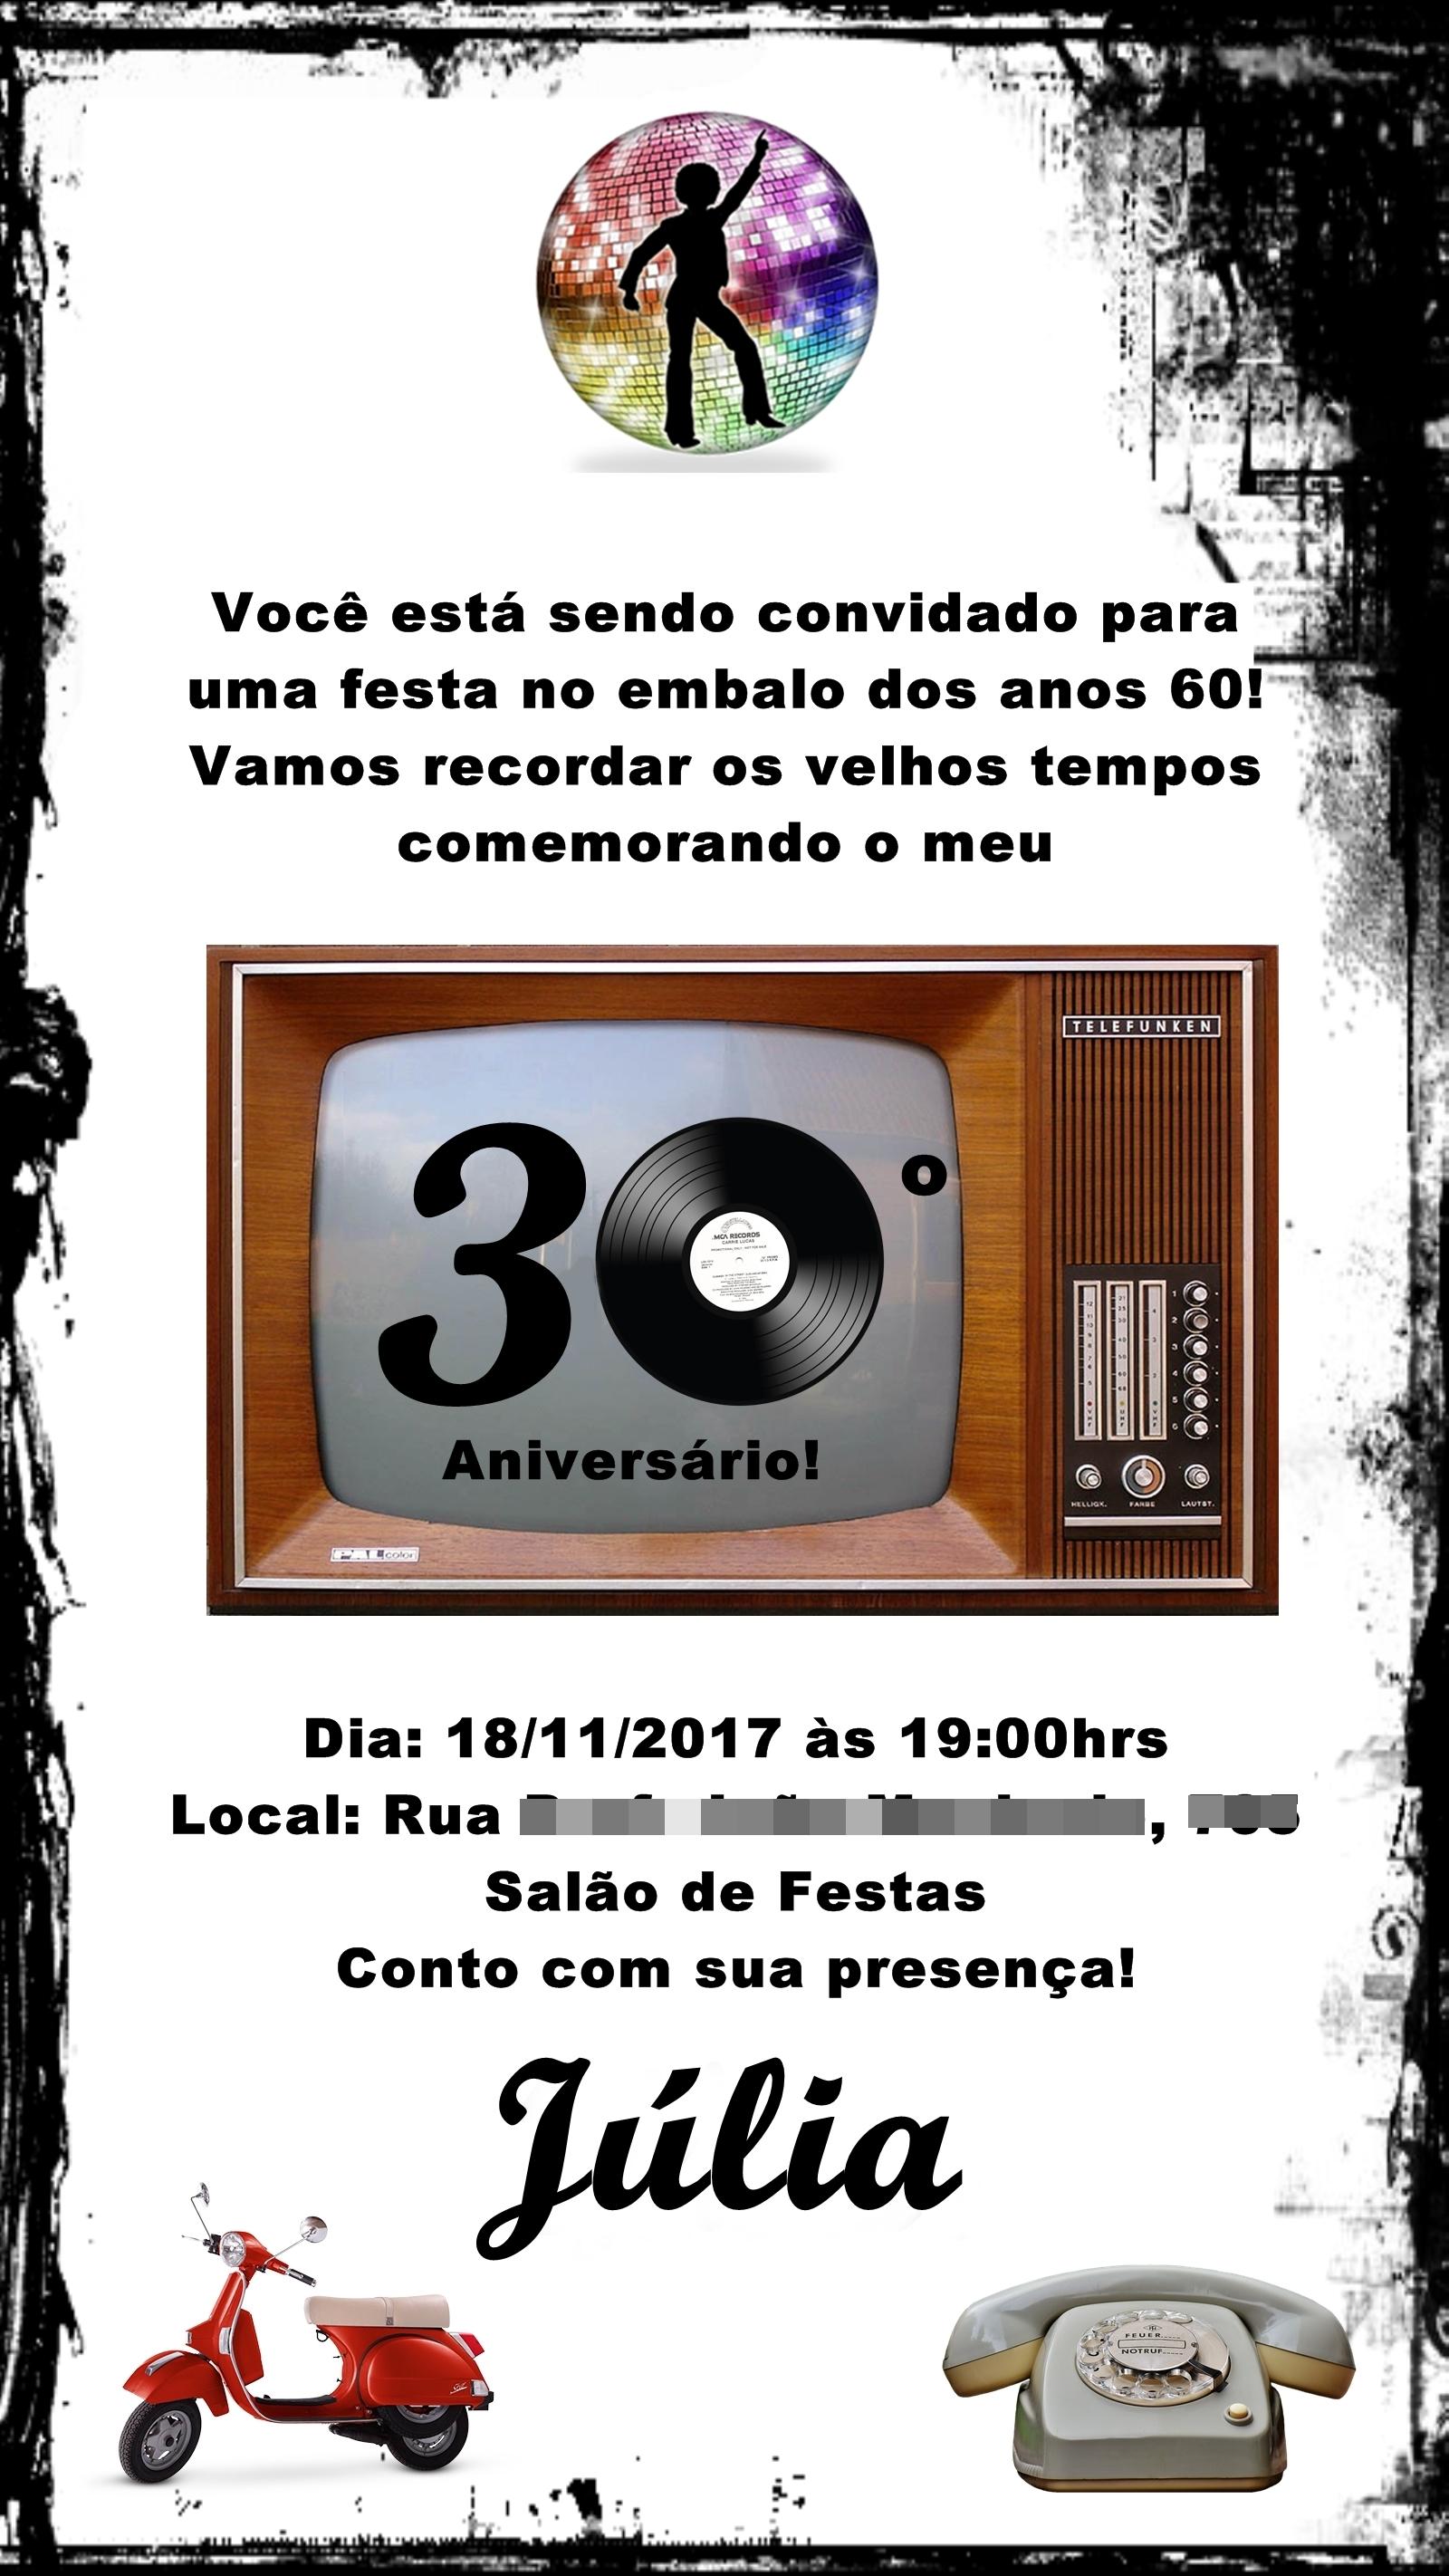 Convite Digital Retrô Anos 60 70 80 E 90 No Elo7 Design Art